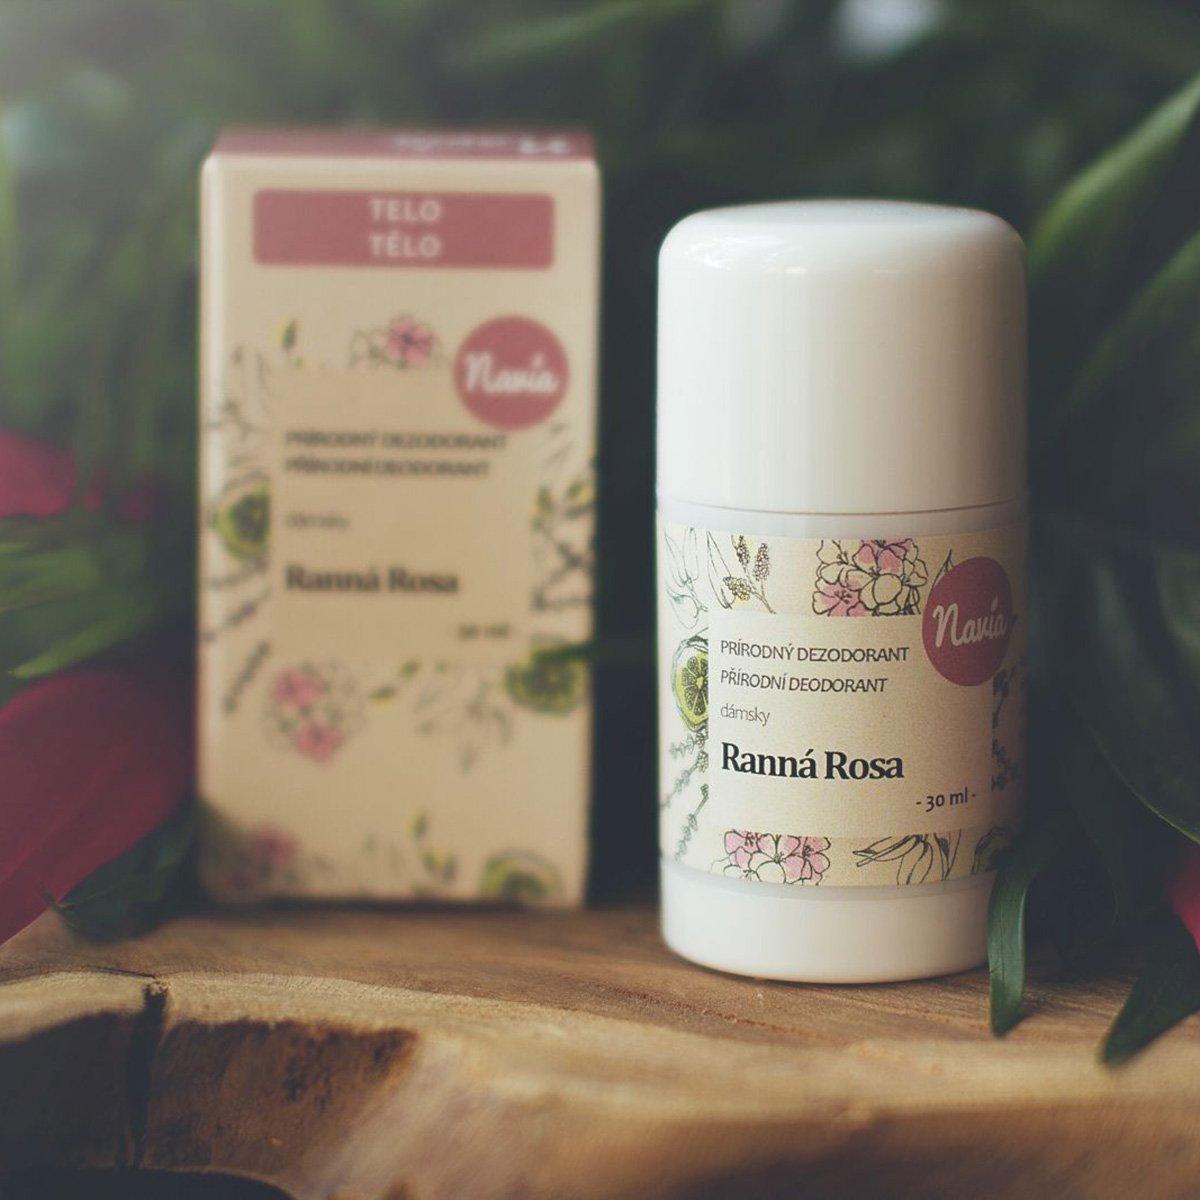 Tuhý dámský deodorant Navia - Ranní rosa